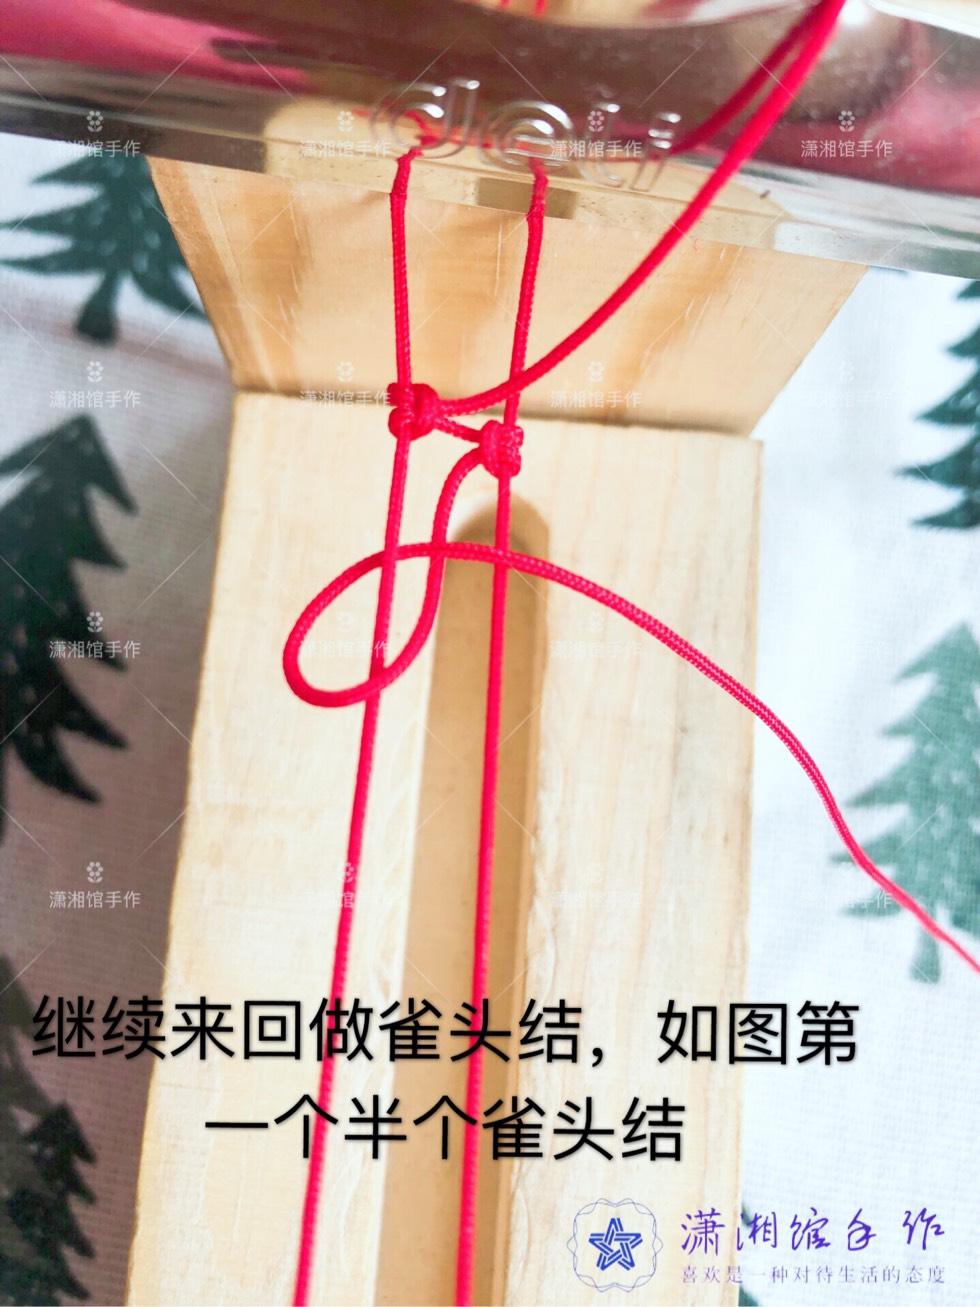 中国结论坛 硬币挂件天使翅膀钥匙扣教程  图文教程区 170035dujh0mh0jvihmfif